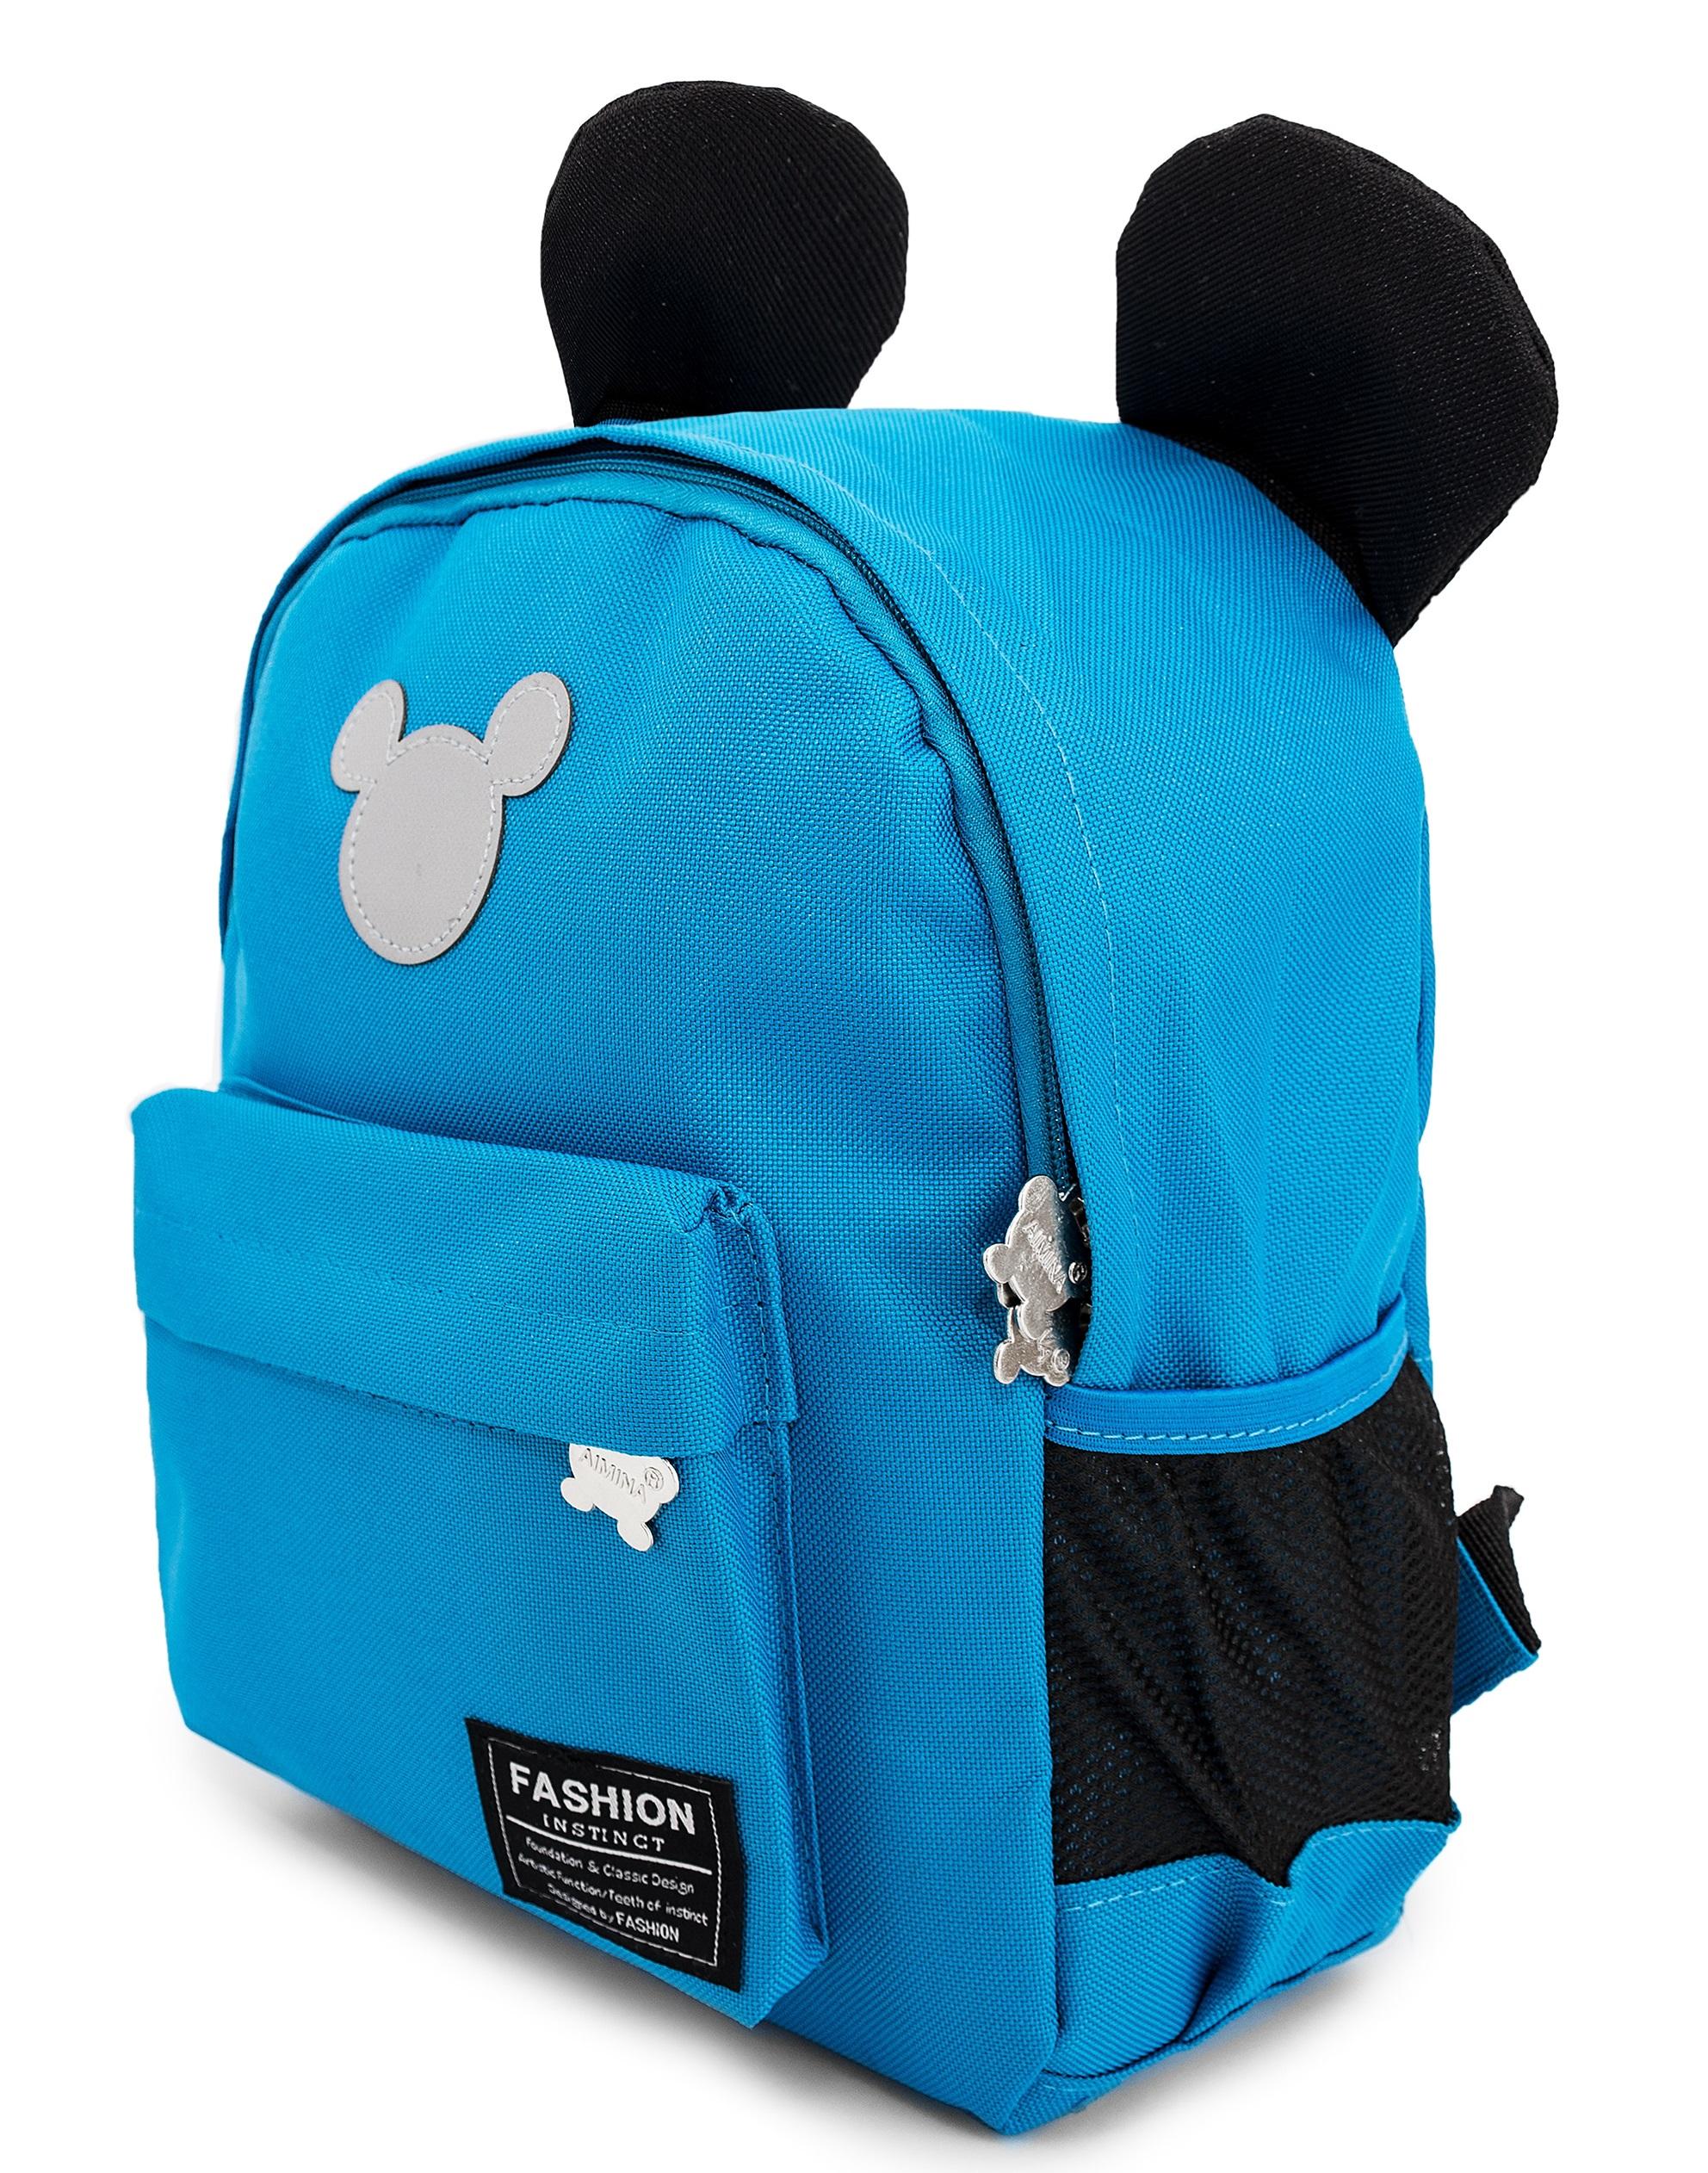 5343be5e8484 Вместительный дошкольный рюкзак выполнен в стилистике Микки Мауса. Для  деток от 3 до 6 лет. В рюкзаке одно большое отделение с разделителем для  тетрадей и ...